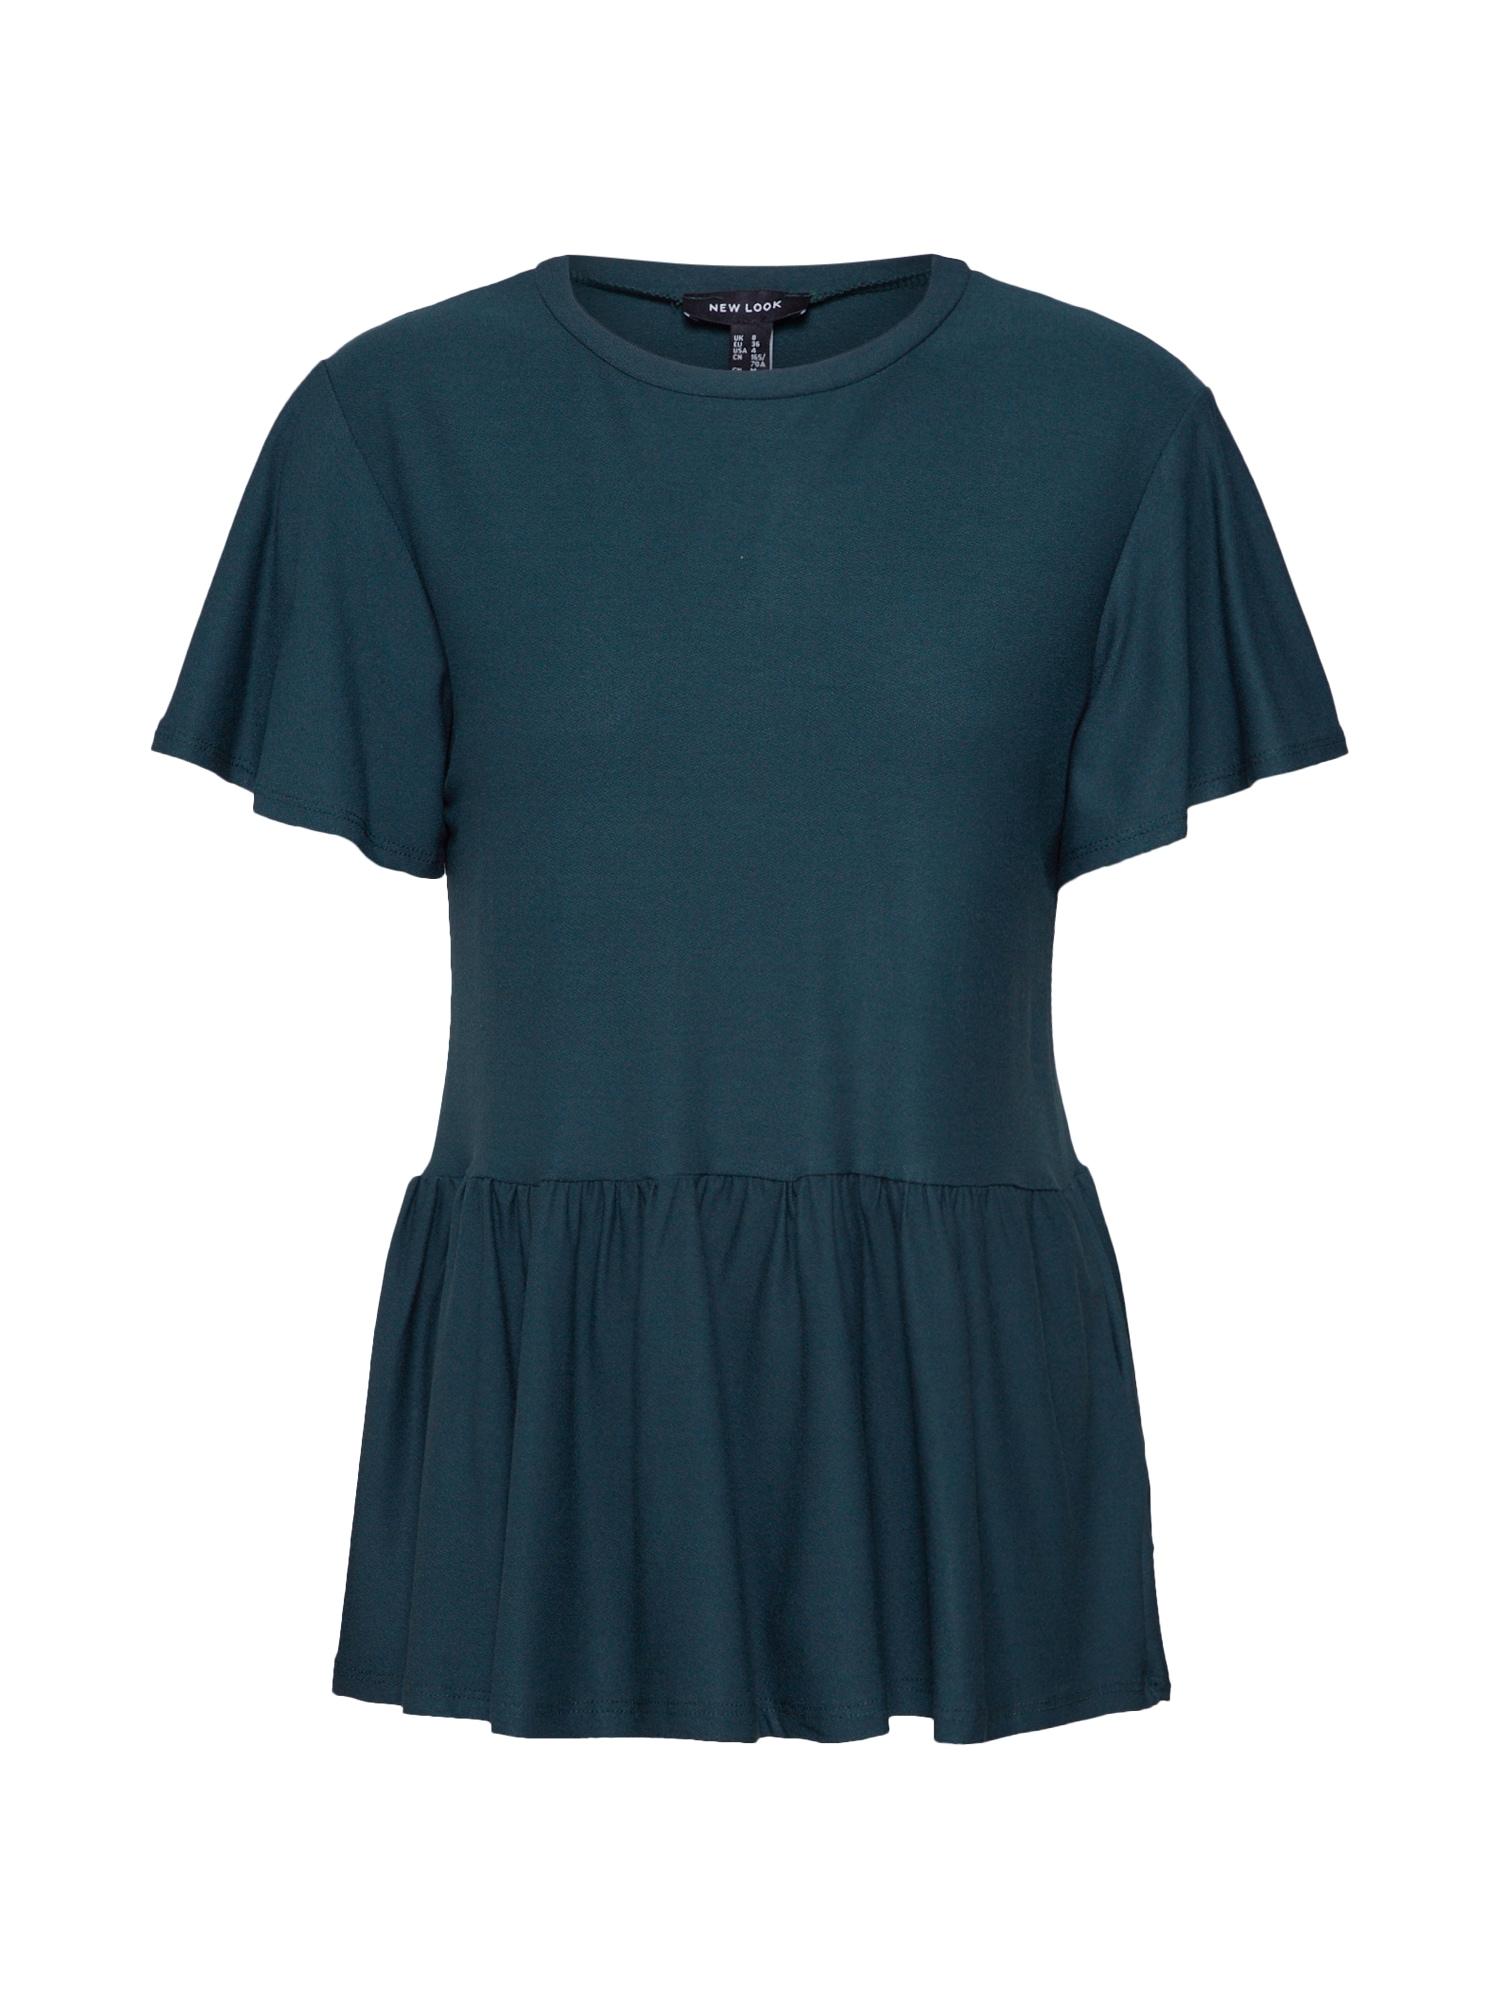 NEW LOOK Tričko 'CREPE TEXTURED PEPLUM'  tmavě zelená